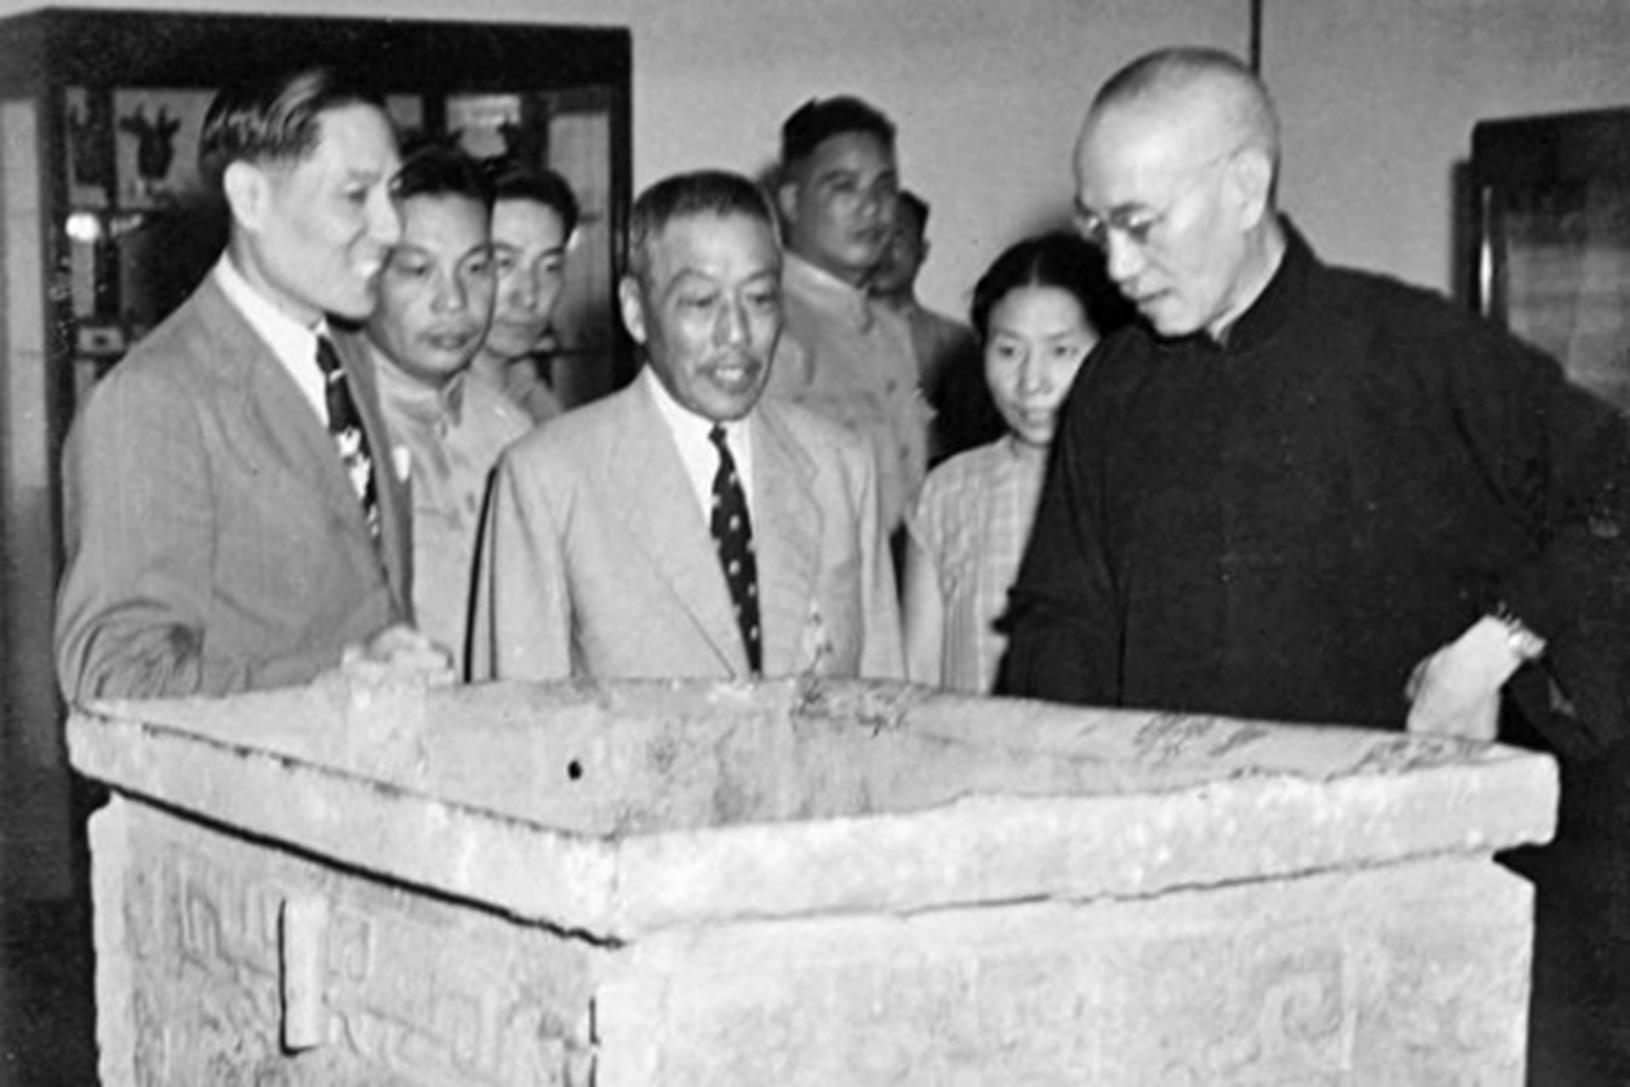 1947年,蔣介石、宋美齡、蔣經國一家三口參觀了在南京舉辦的故宮國寶展覽,眾多展覽的珍寶中,商司母戊大方鼎和周毛公音鼎乃為蔣總統直接經手贈送給故宮博物院的收藏品。(公有領域)